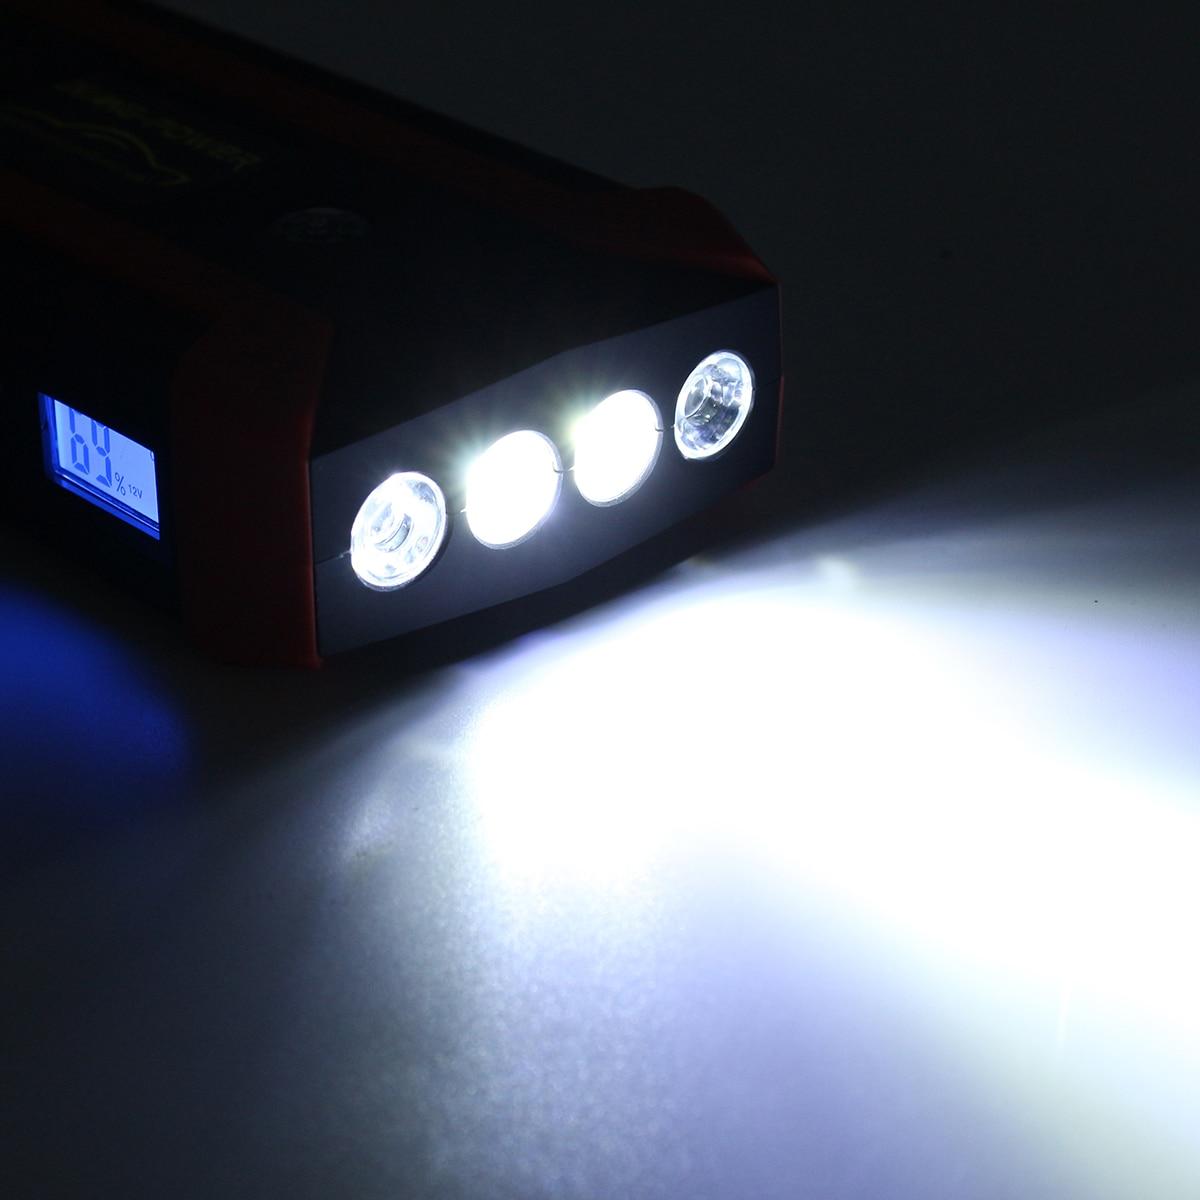 Démarreur de Saut De voiture 600A 89800 mAh Multifonction Chargeur De Voiture Démarreur de Saut De Batterie 4USB lumière LED Automatique Portable De Secours de batterie externe - 3